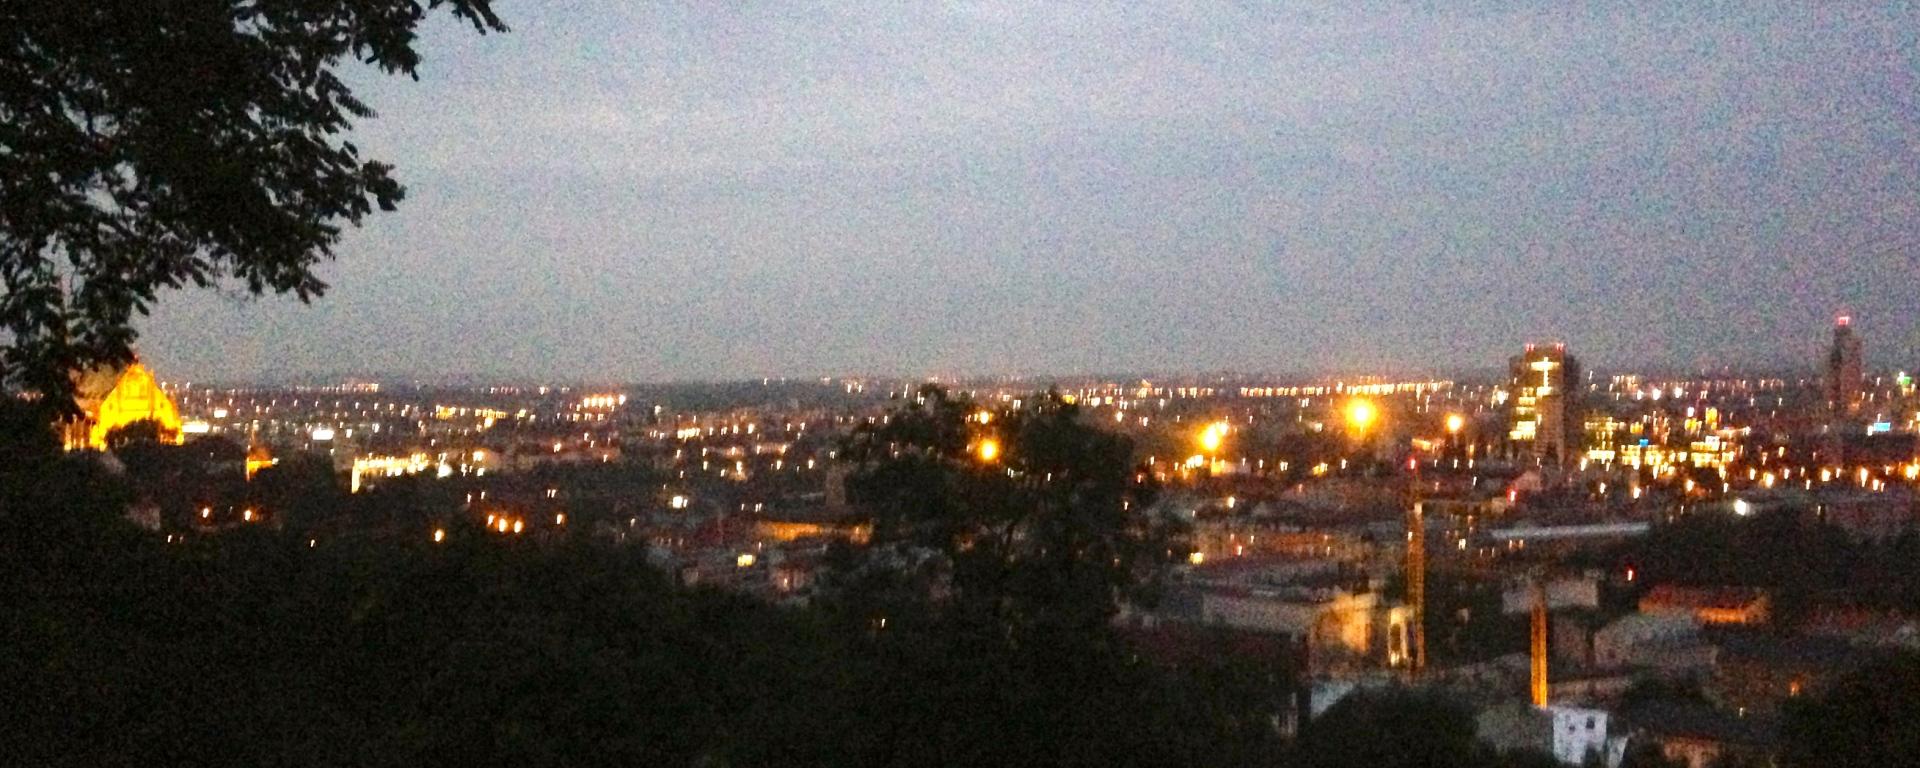 Brno Skyline